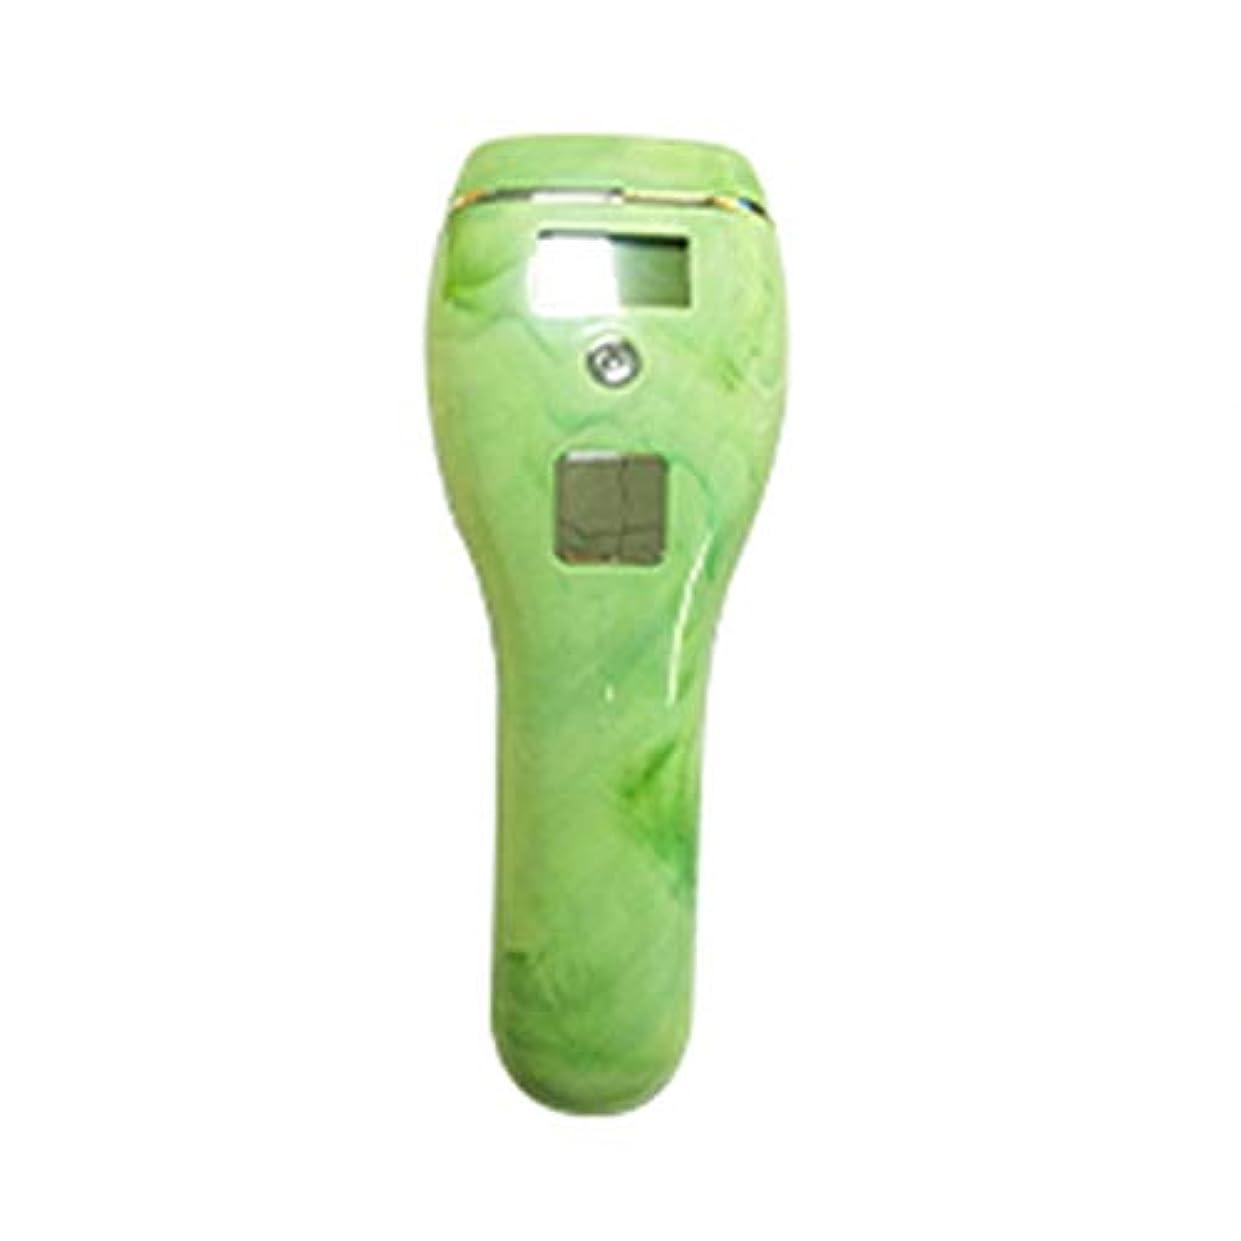 余分な提供自然公園Nuanxin 自動肌のカラーセンシング、グリーン、5速調整、クォーツチューブ、携帯用痛みのない全身凍結乾燥用除湿器、サイズ19x7x5cm F30 (Color : Green)